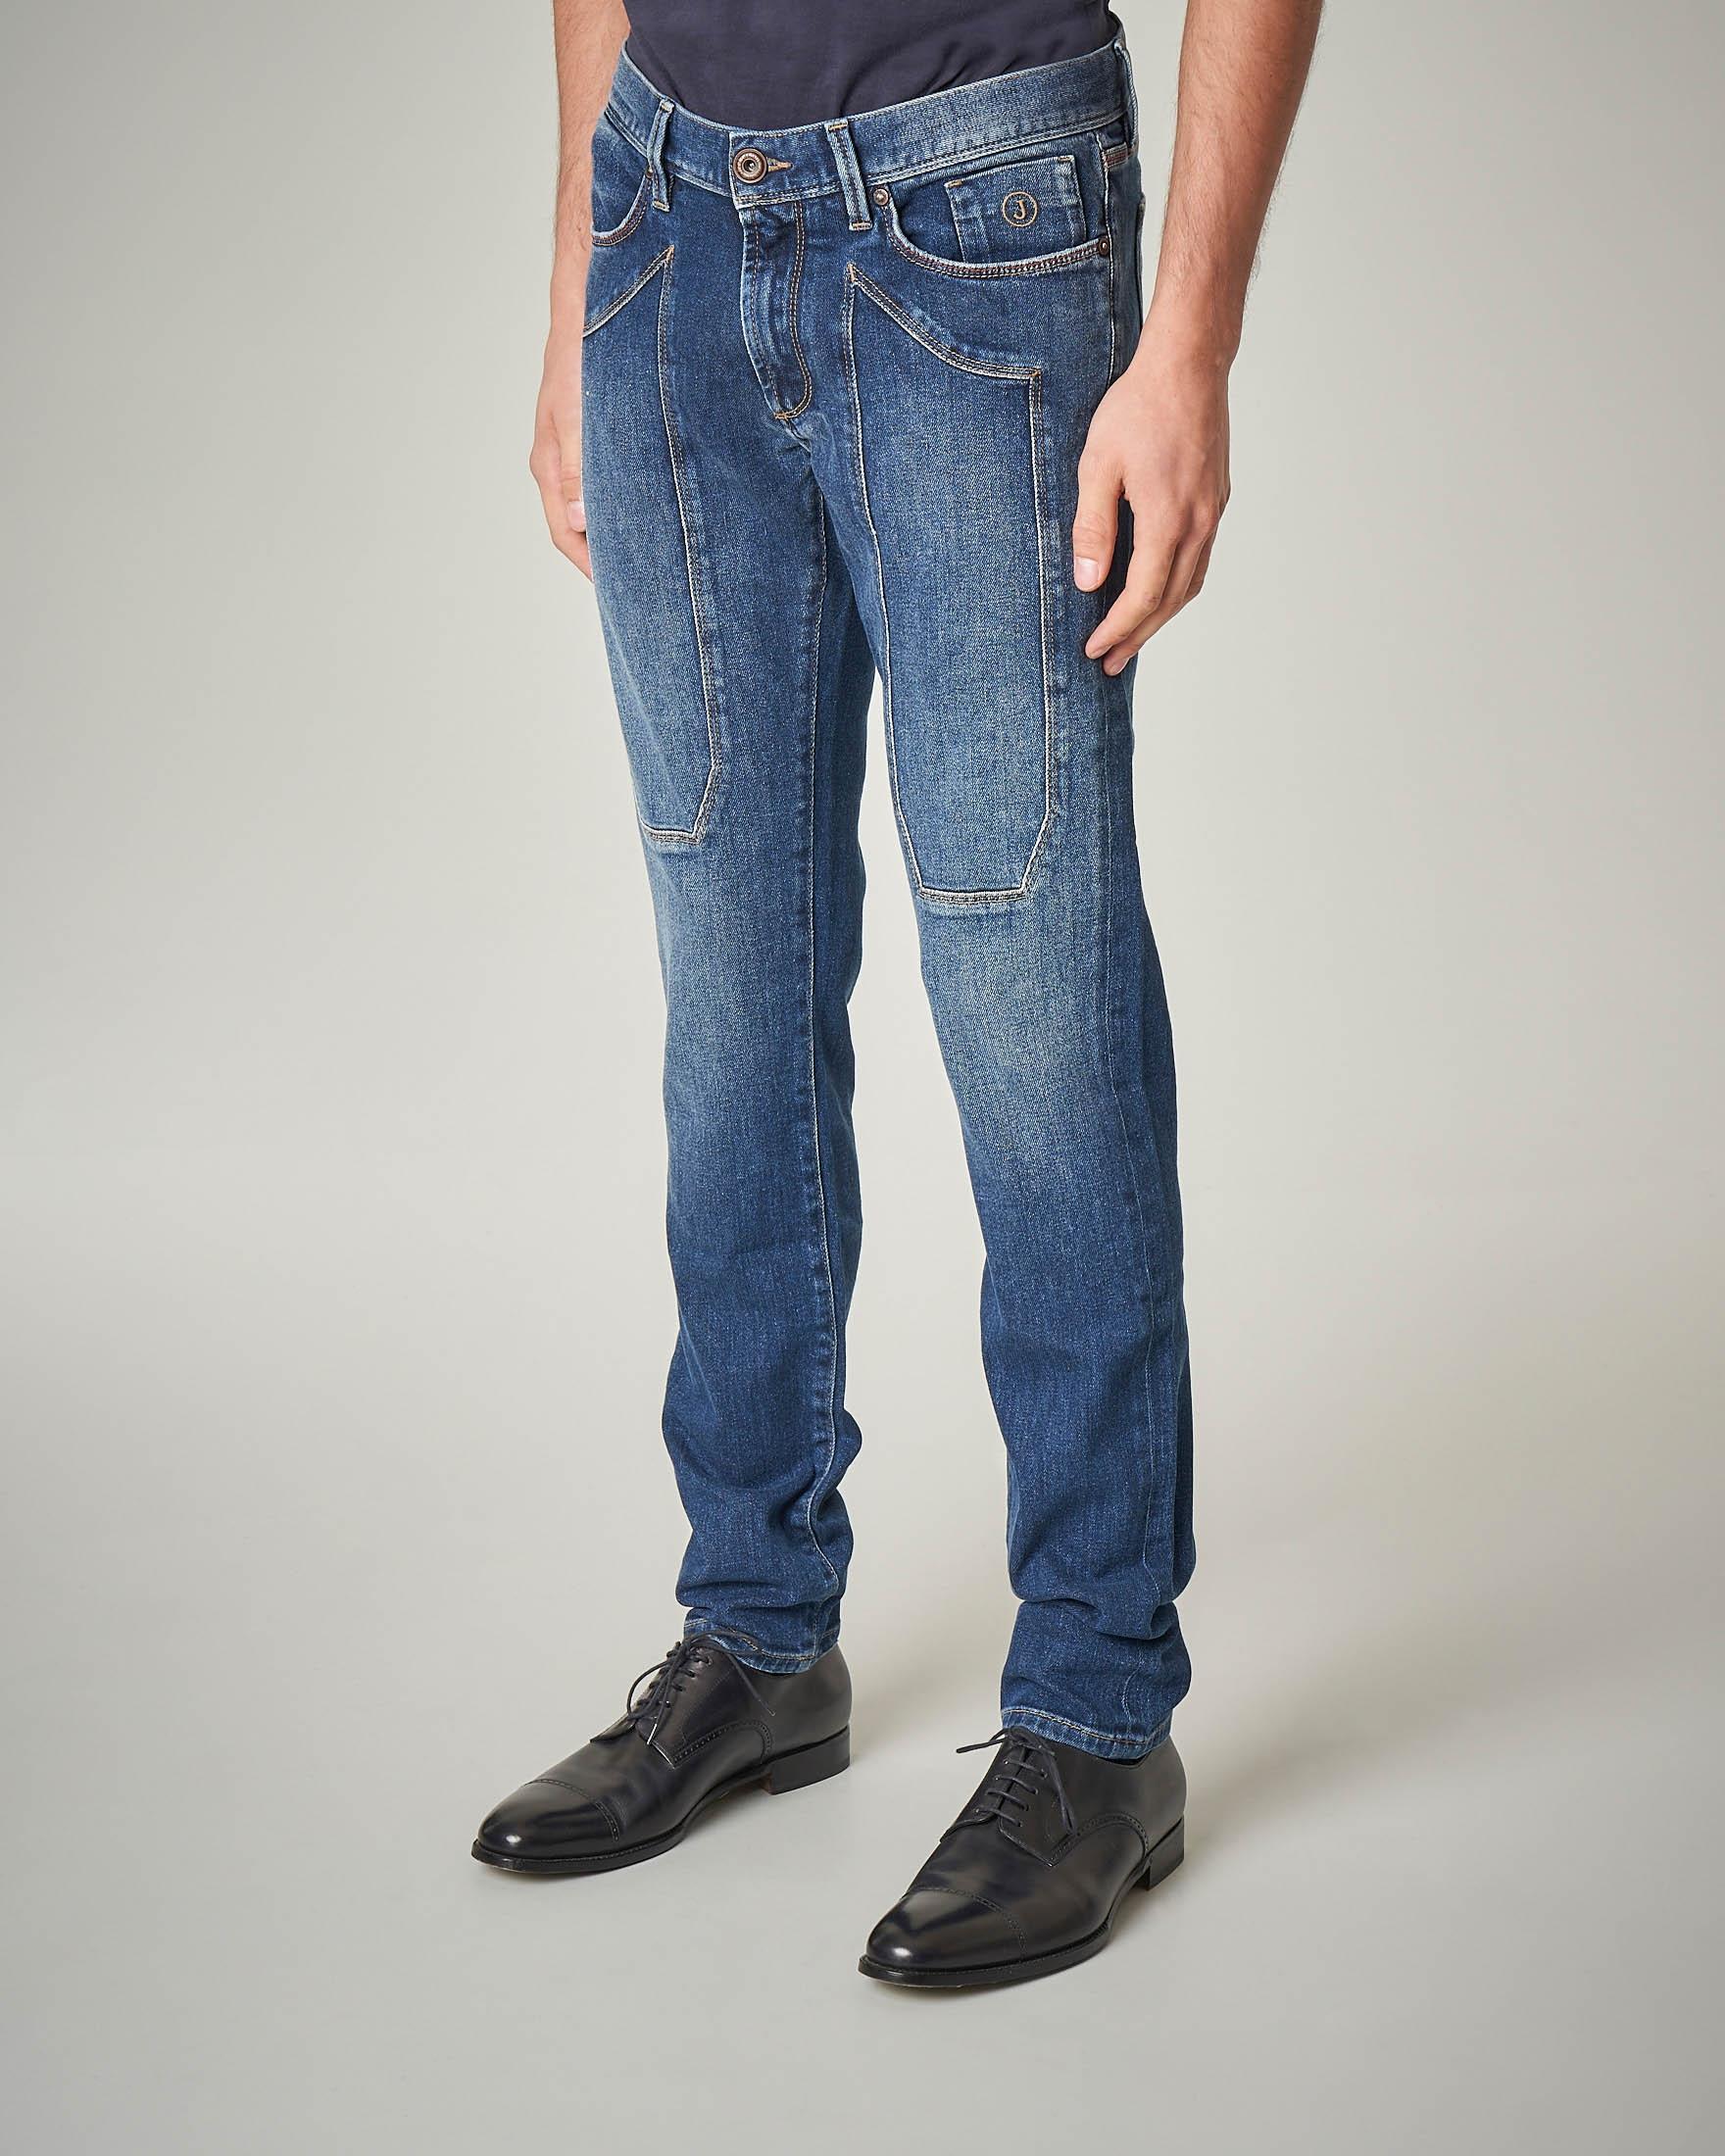 Jeans lavaggio medio-chiaro con toppa